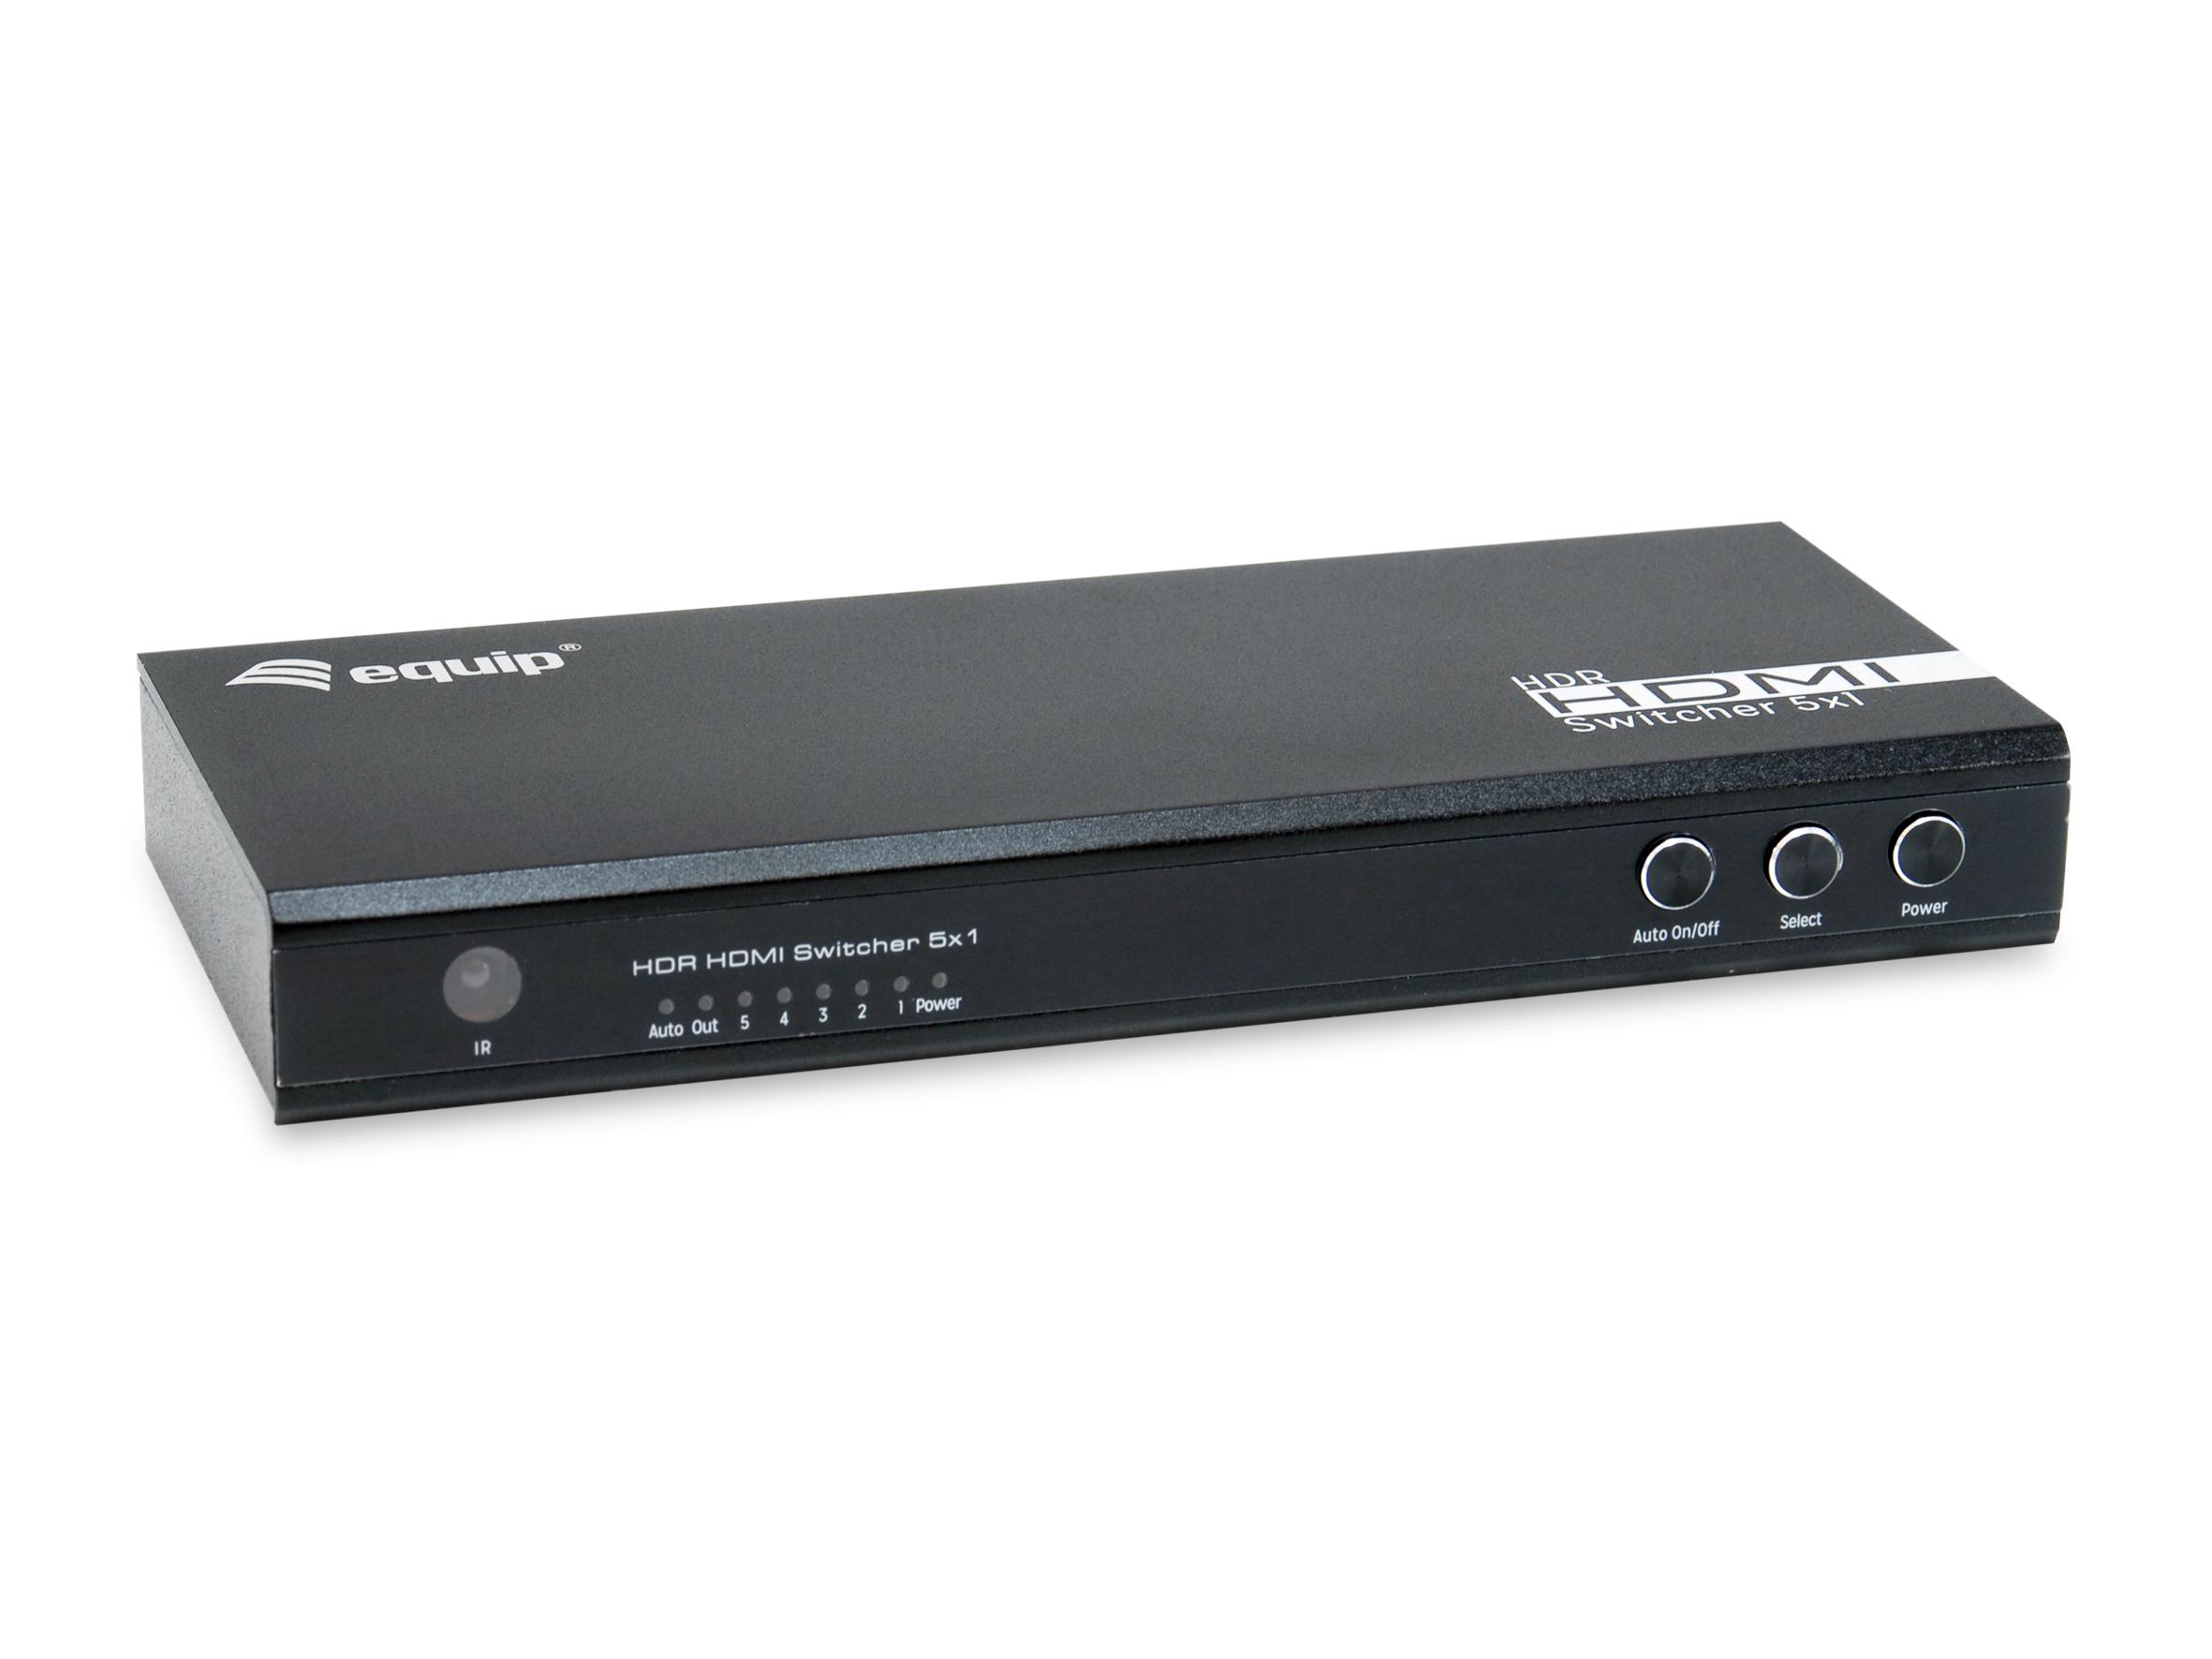 equip Switch 5x1 HDMI 2.0 4K/60Hz schwarz inkl.Fernbedienung - Switch